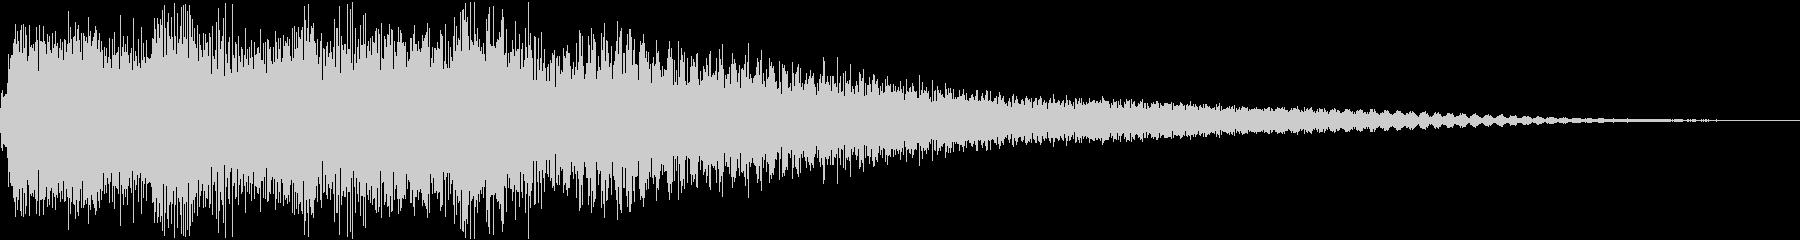 正解の音(ベルの優雅な音色)ピンポン×2の未再生の波形